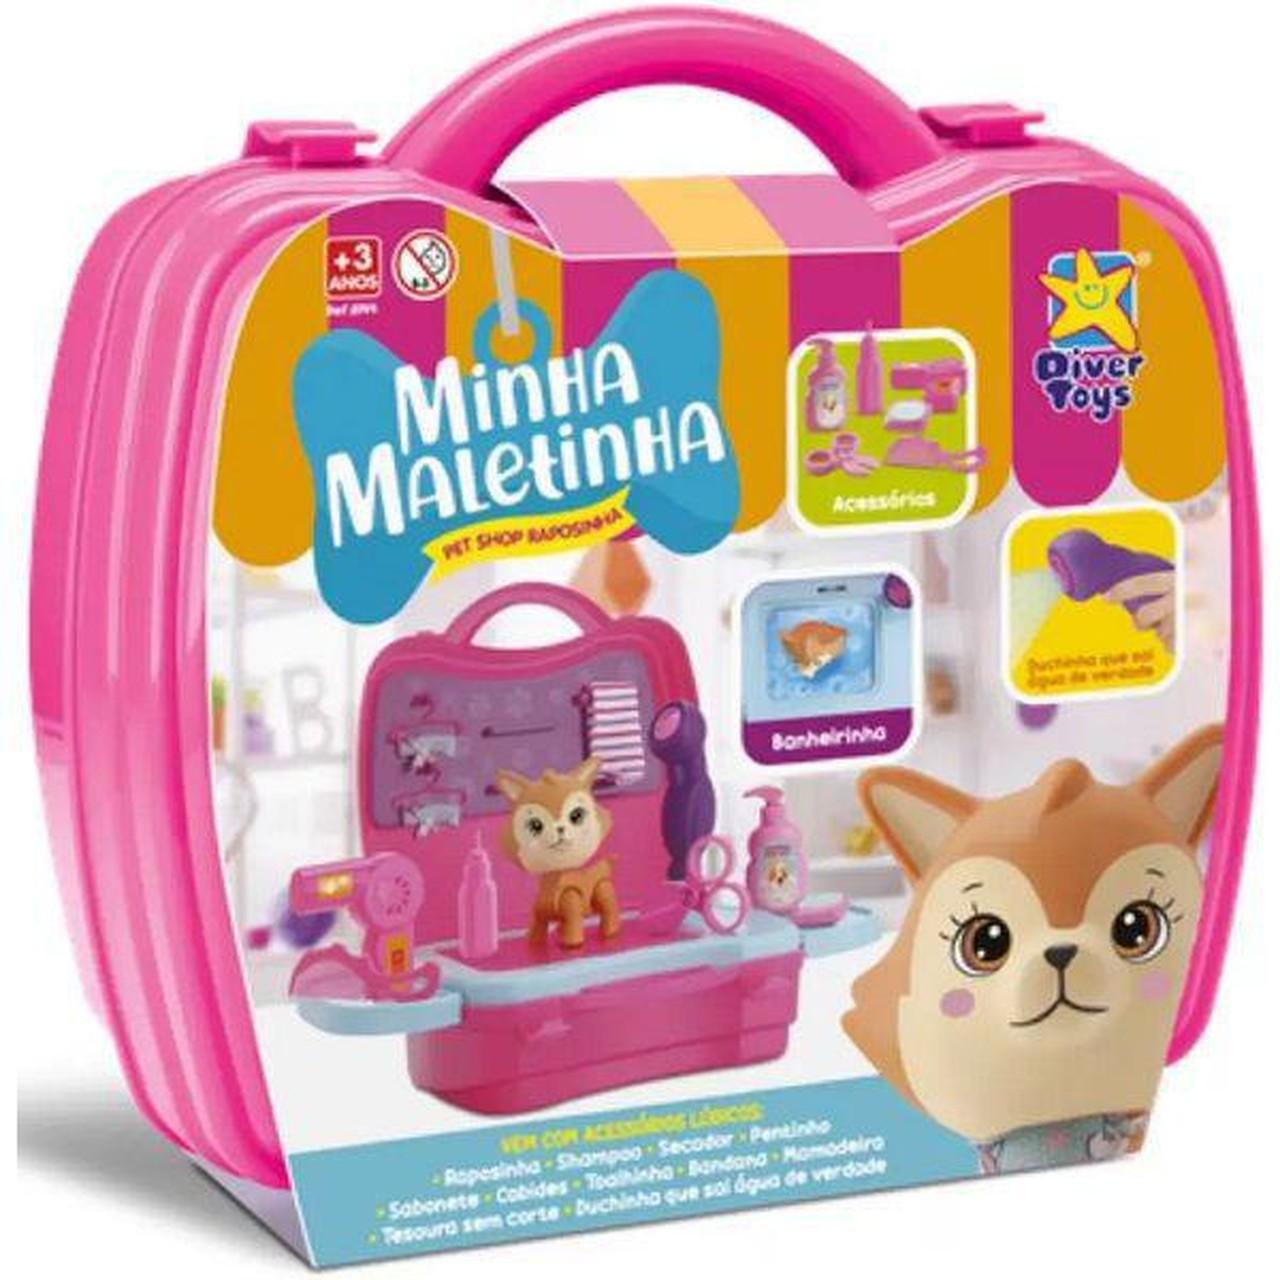 Minha Maletinha Pet Shop Raposinha Divertoys - Ref.: 8144